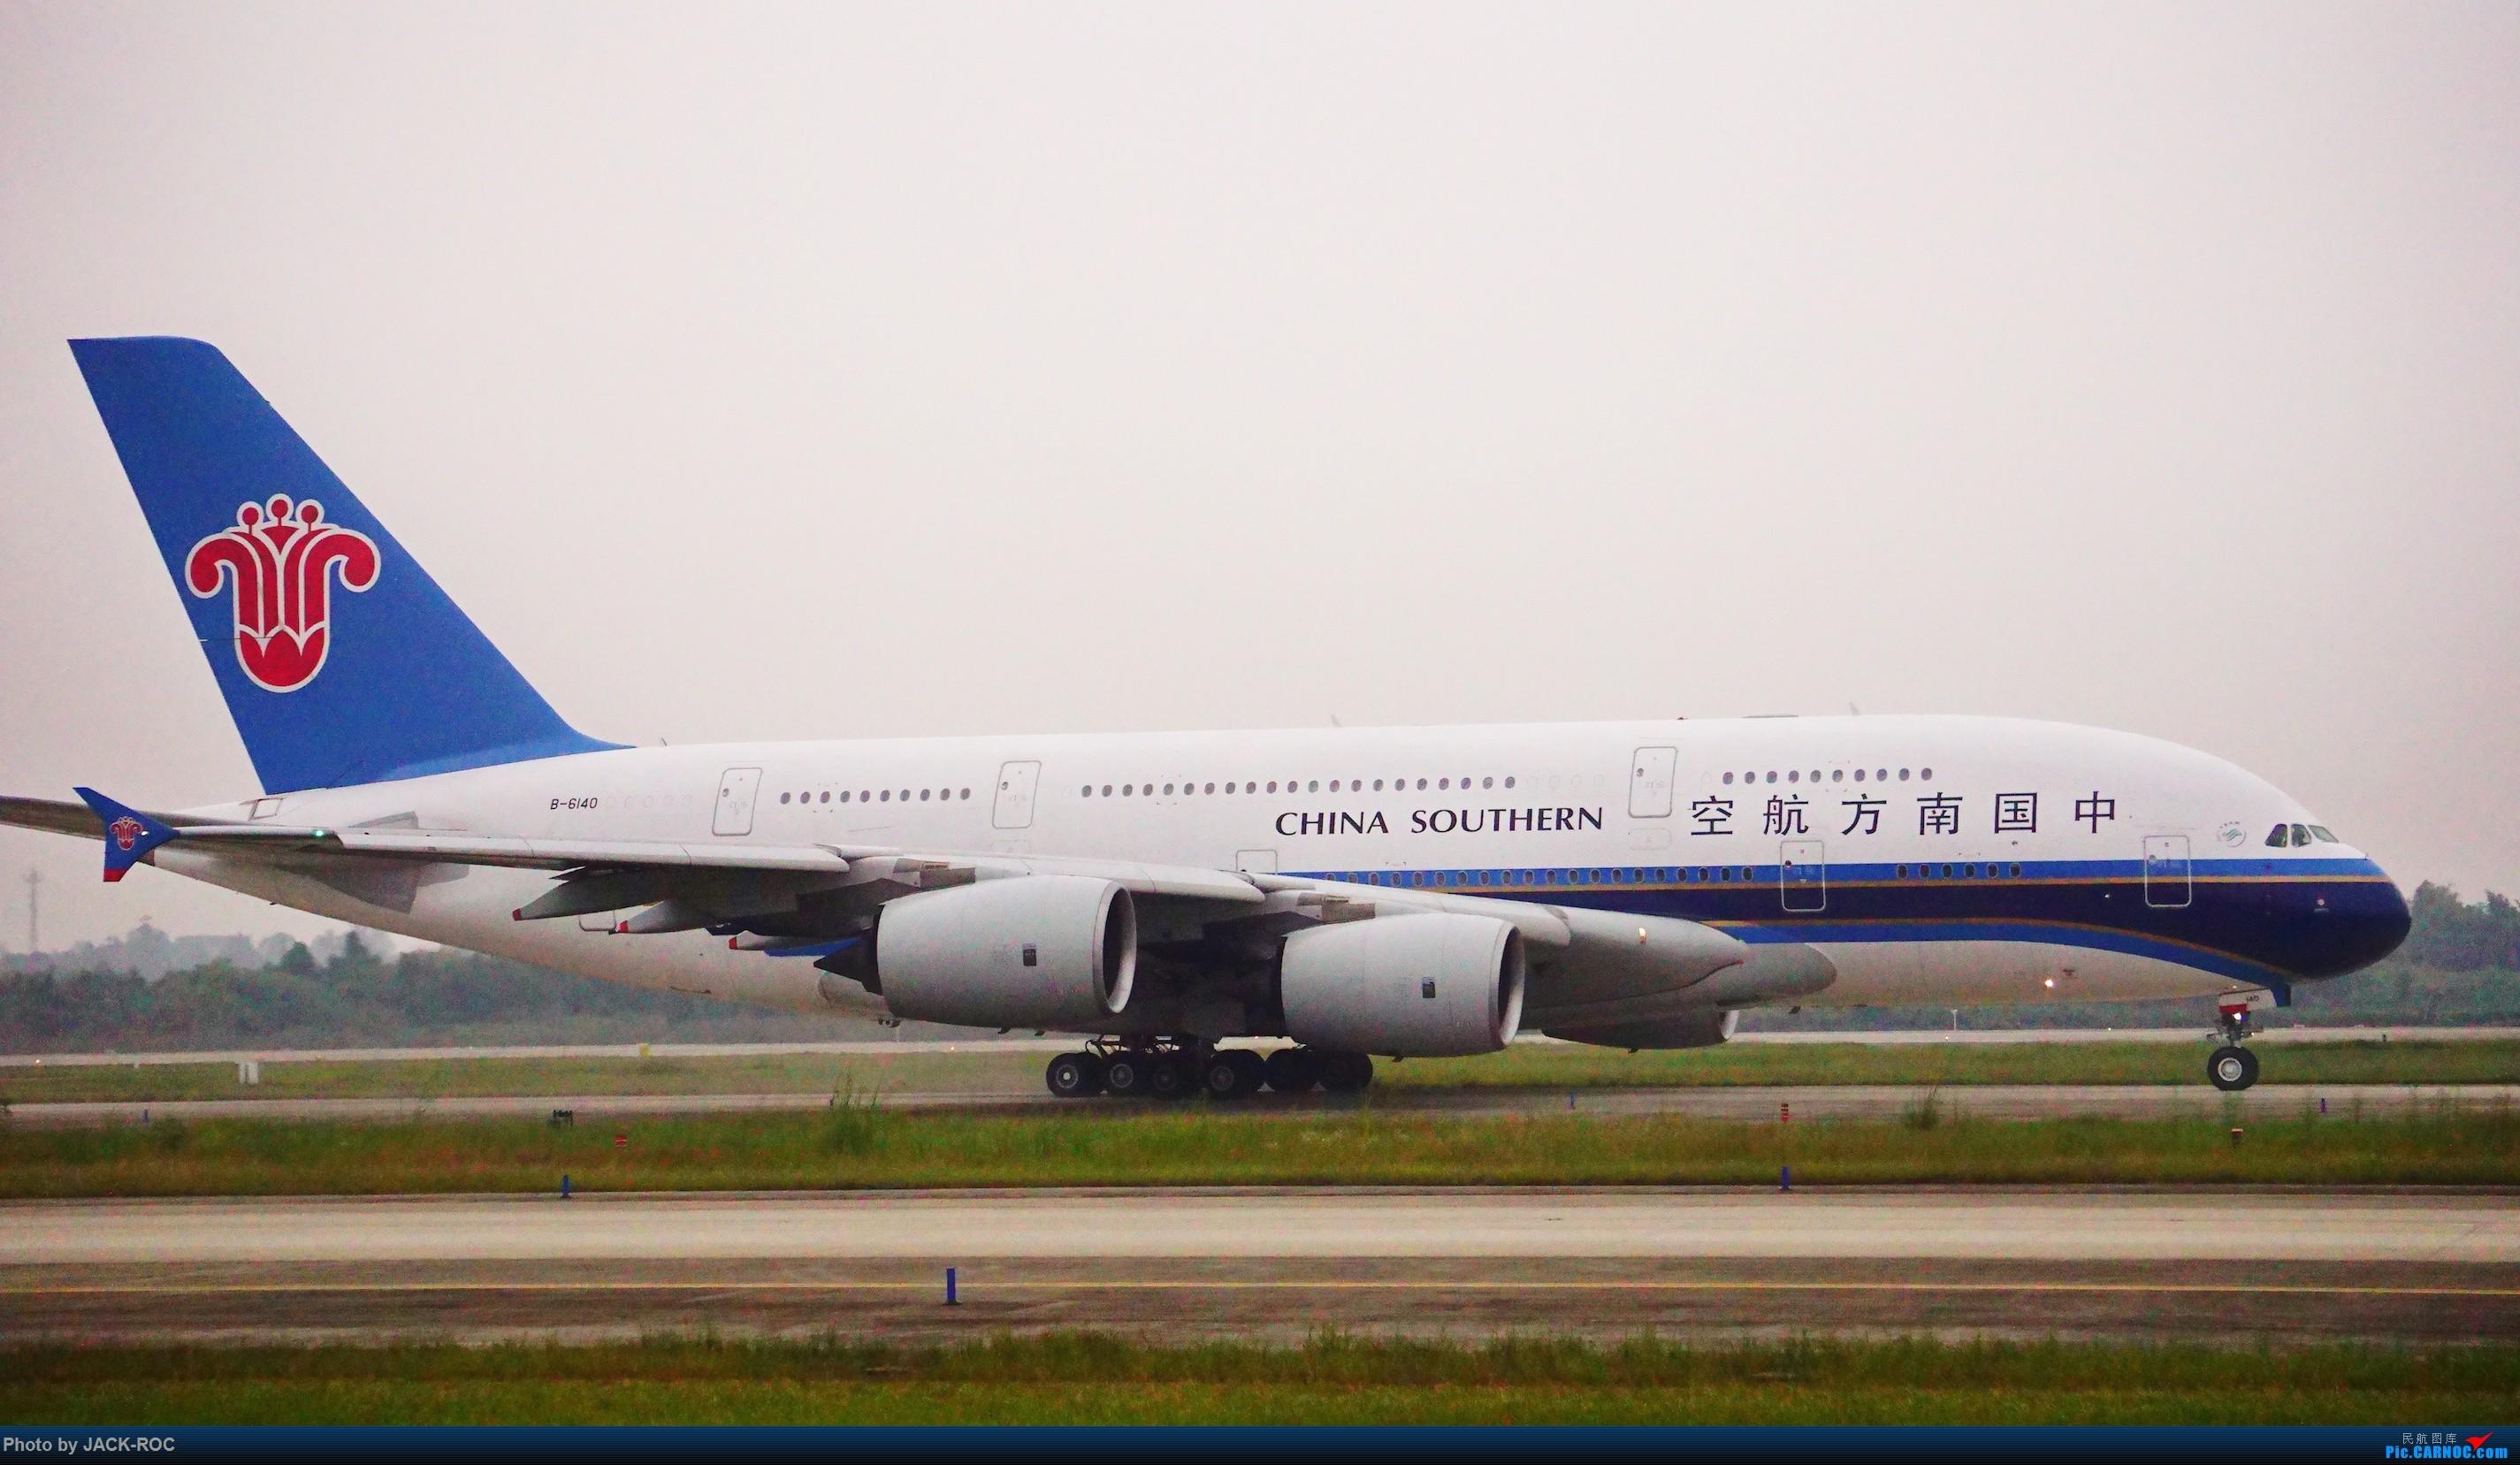 a380飞机图片_【ctu】a380九月22日